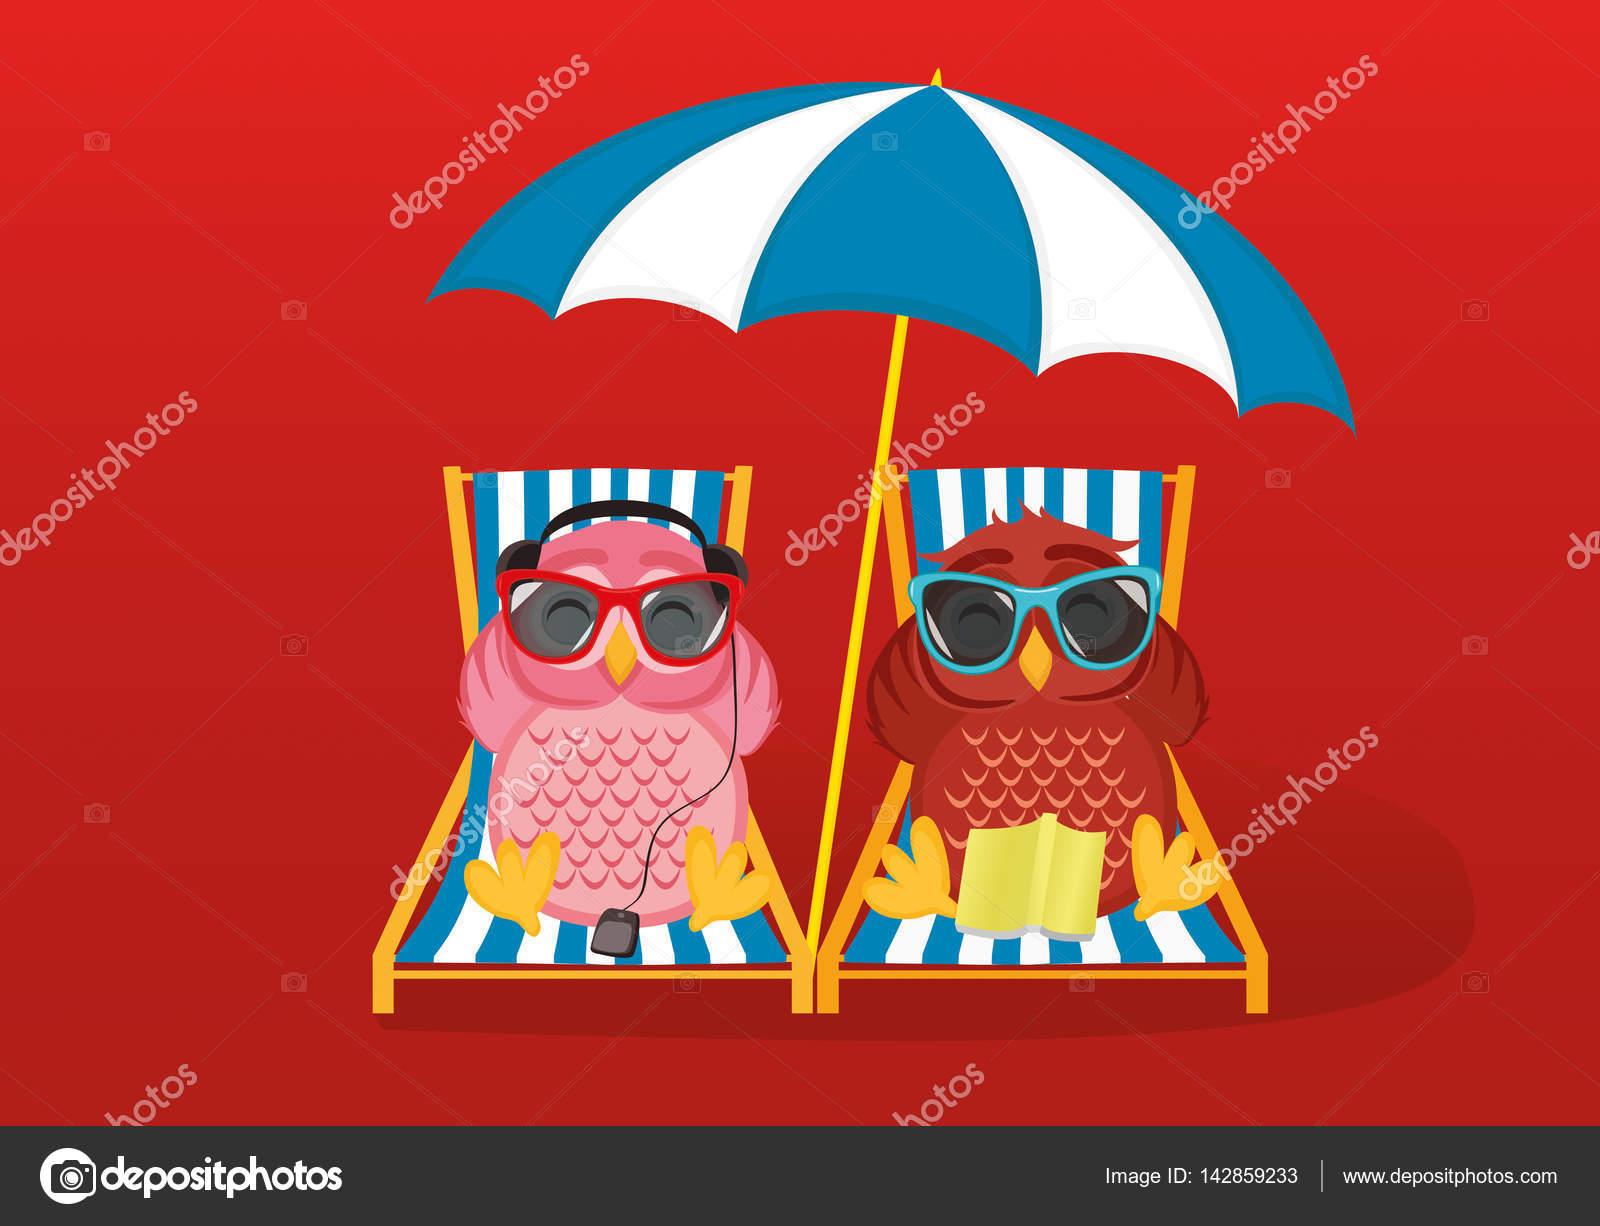 Niedliche zwei Eulen mit Sonnenbrille im Urlaub am Strand